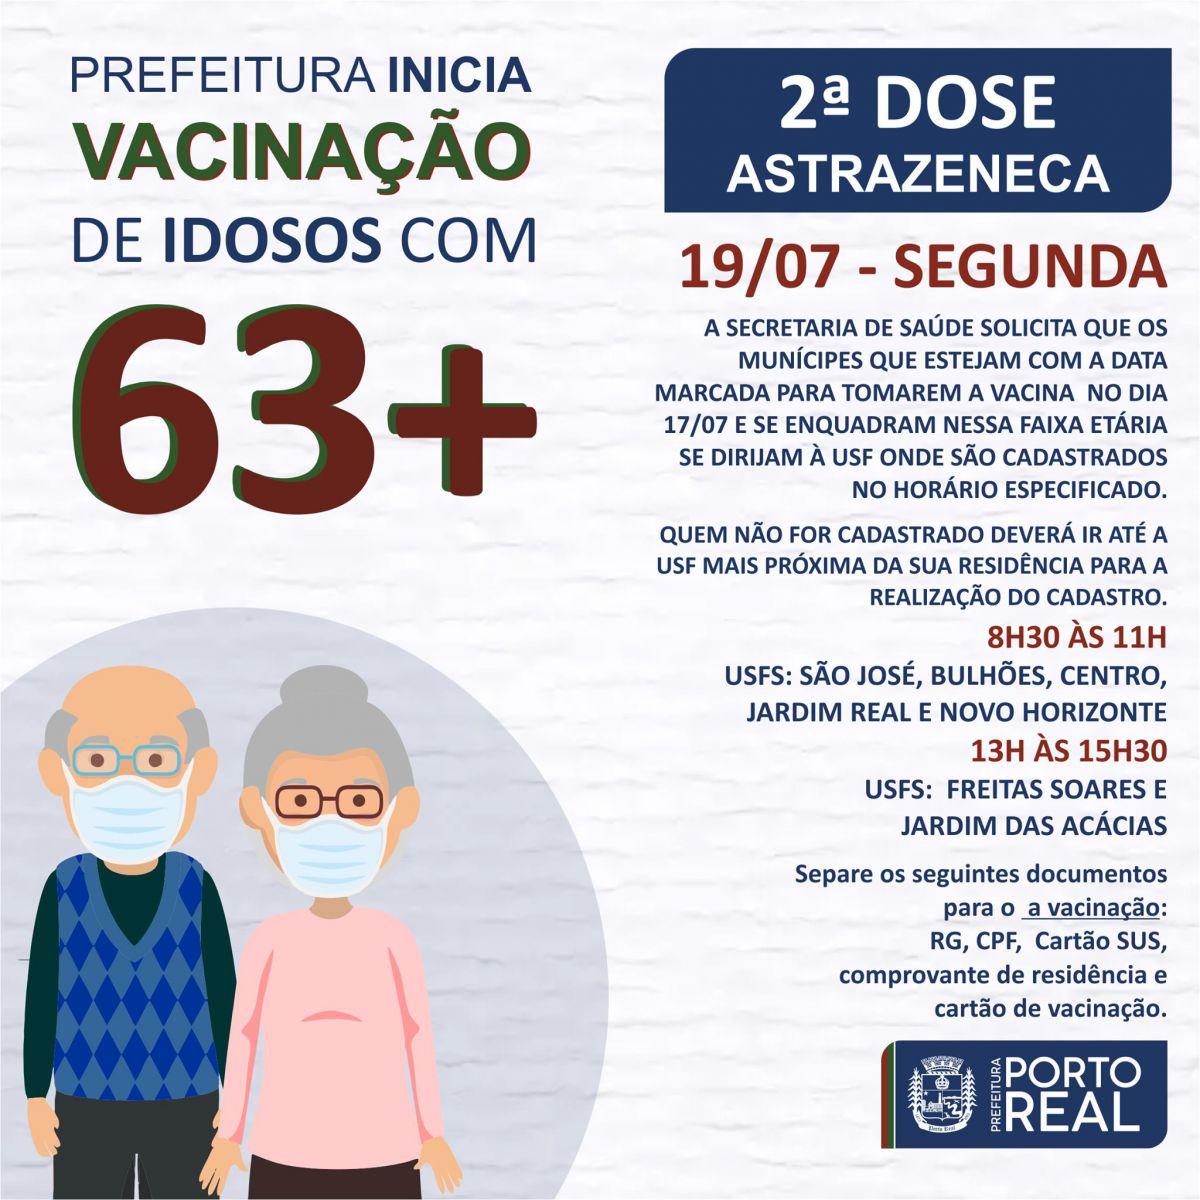 Prefeitura inicia vacinação de idosos com 63+ (2ª dose)